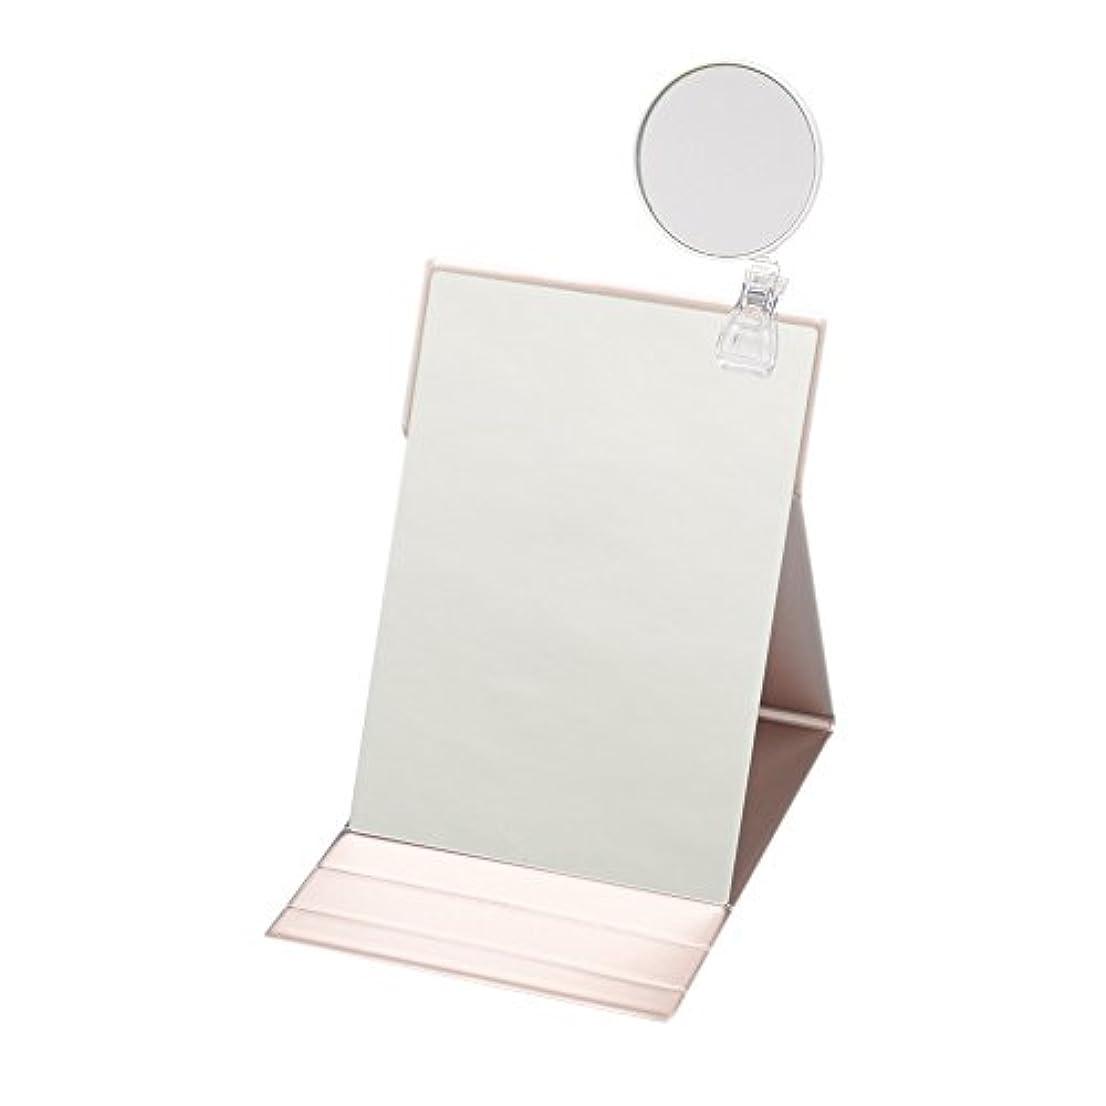 ウガンダいつも手ナピュアミラー 3倍拡大鏡付きプロモデル折立ナピュアミラーLL ピンクゴールド HP-38×3